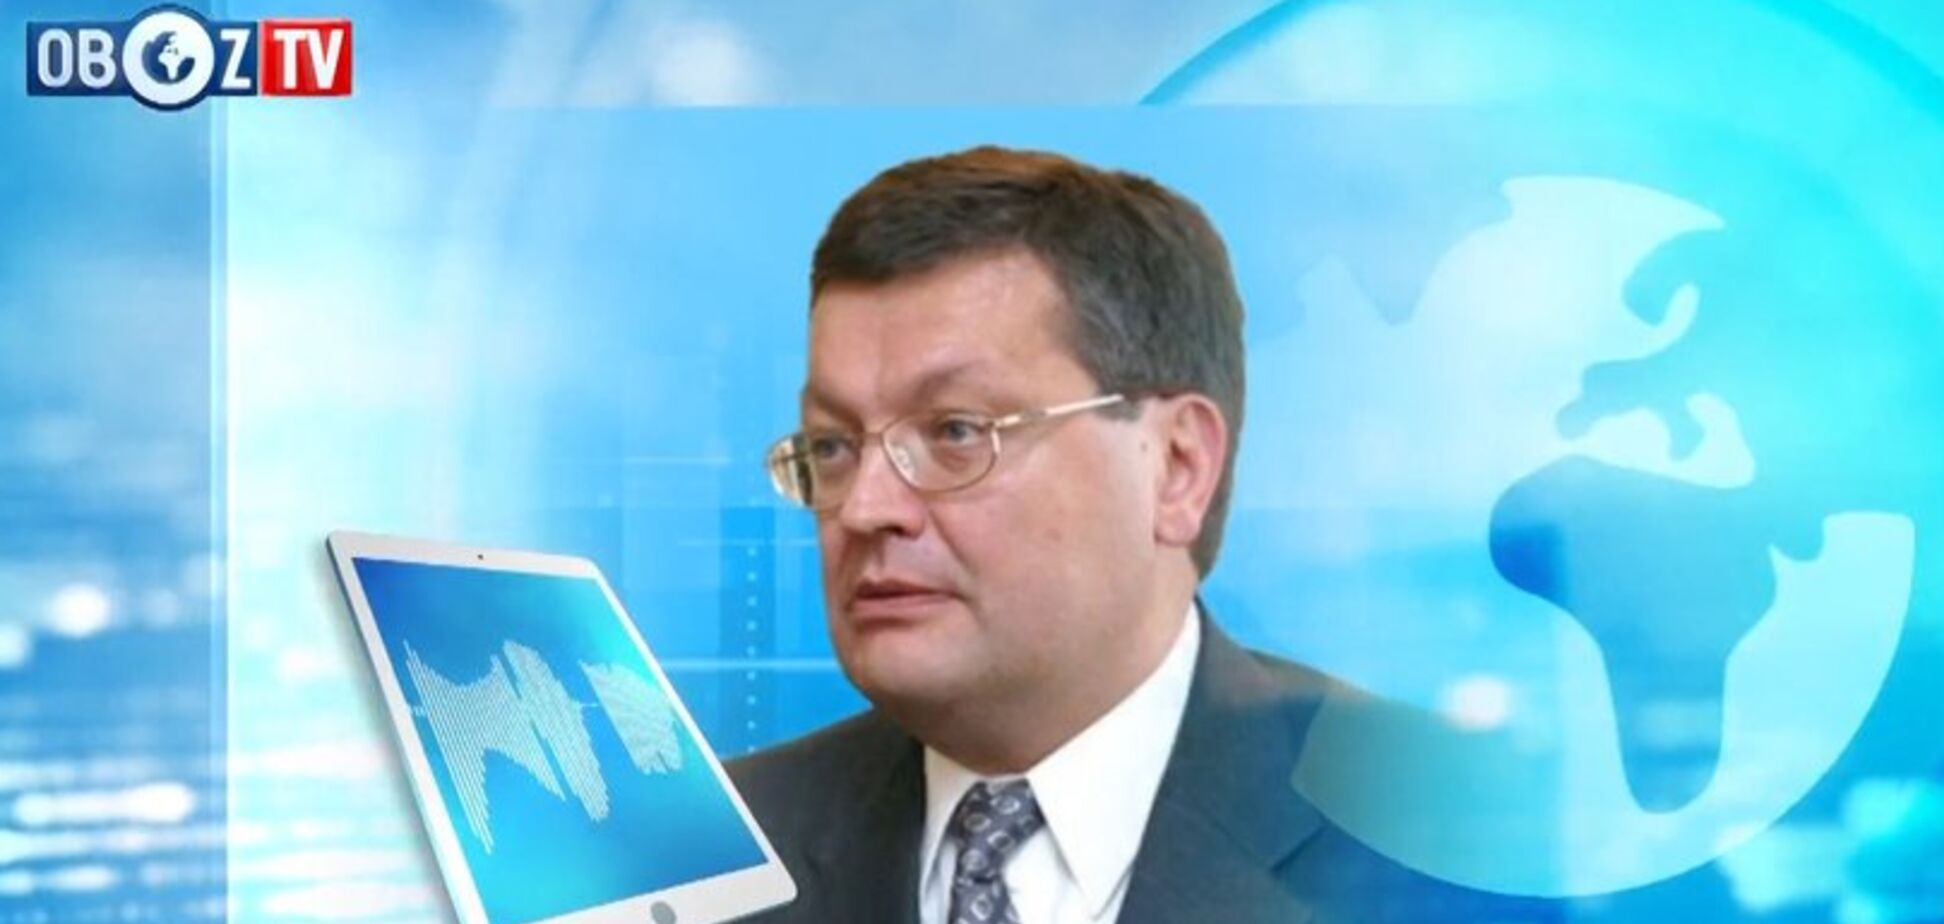 Непопулярні рішення – єдиний спосіб домовитись із Москвою: дипломат